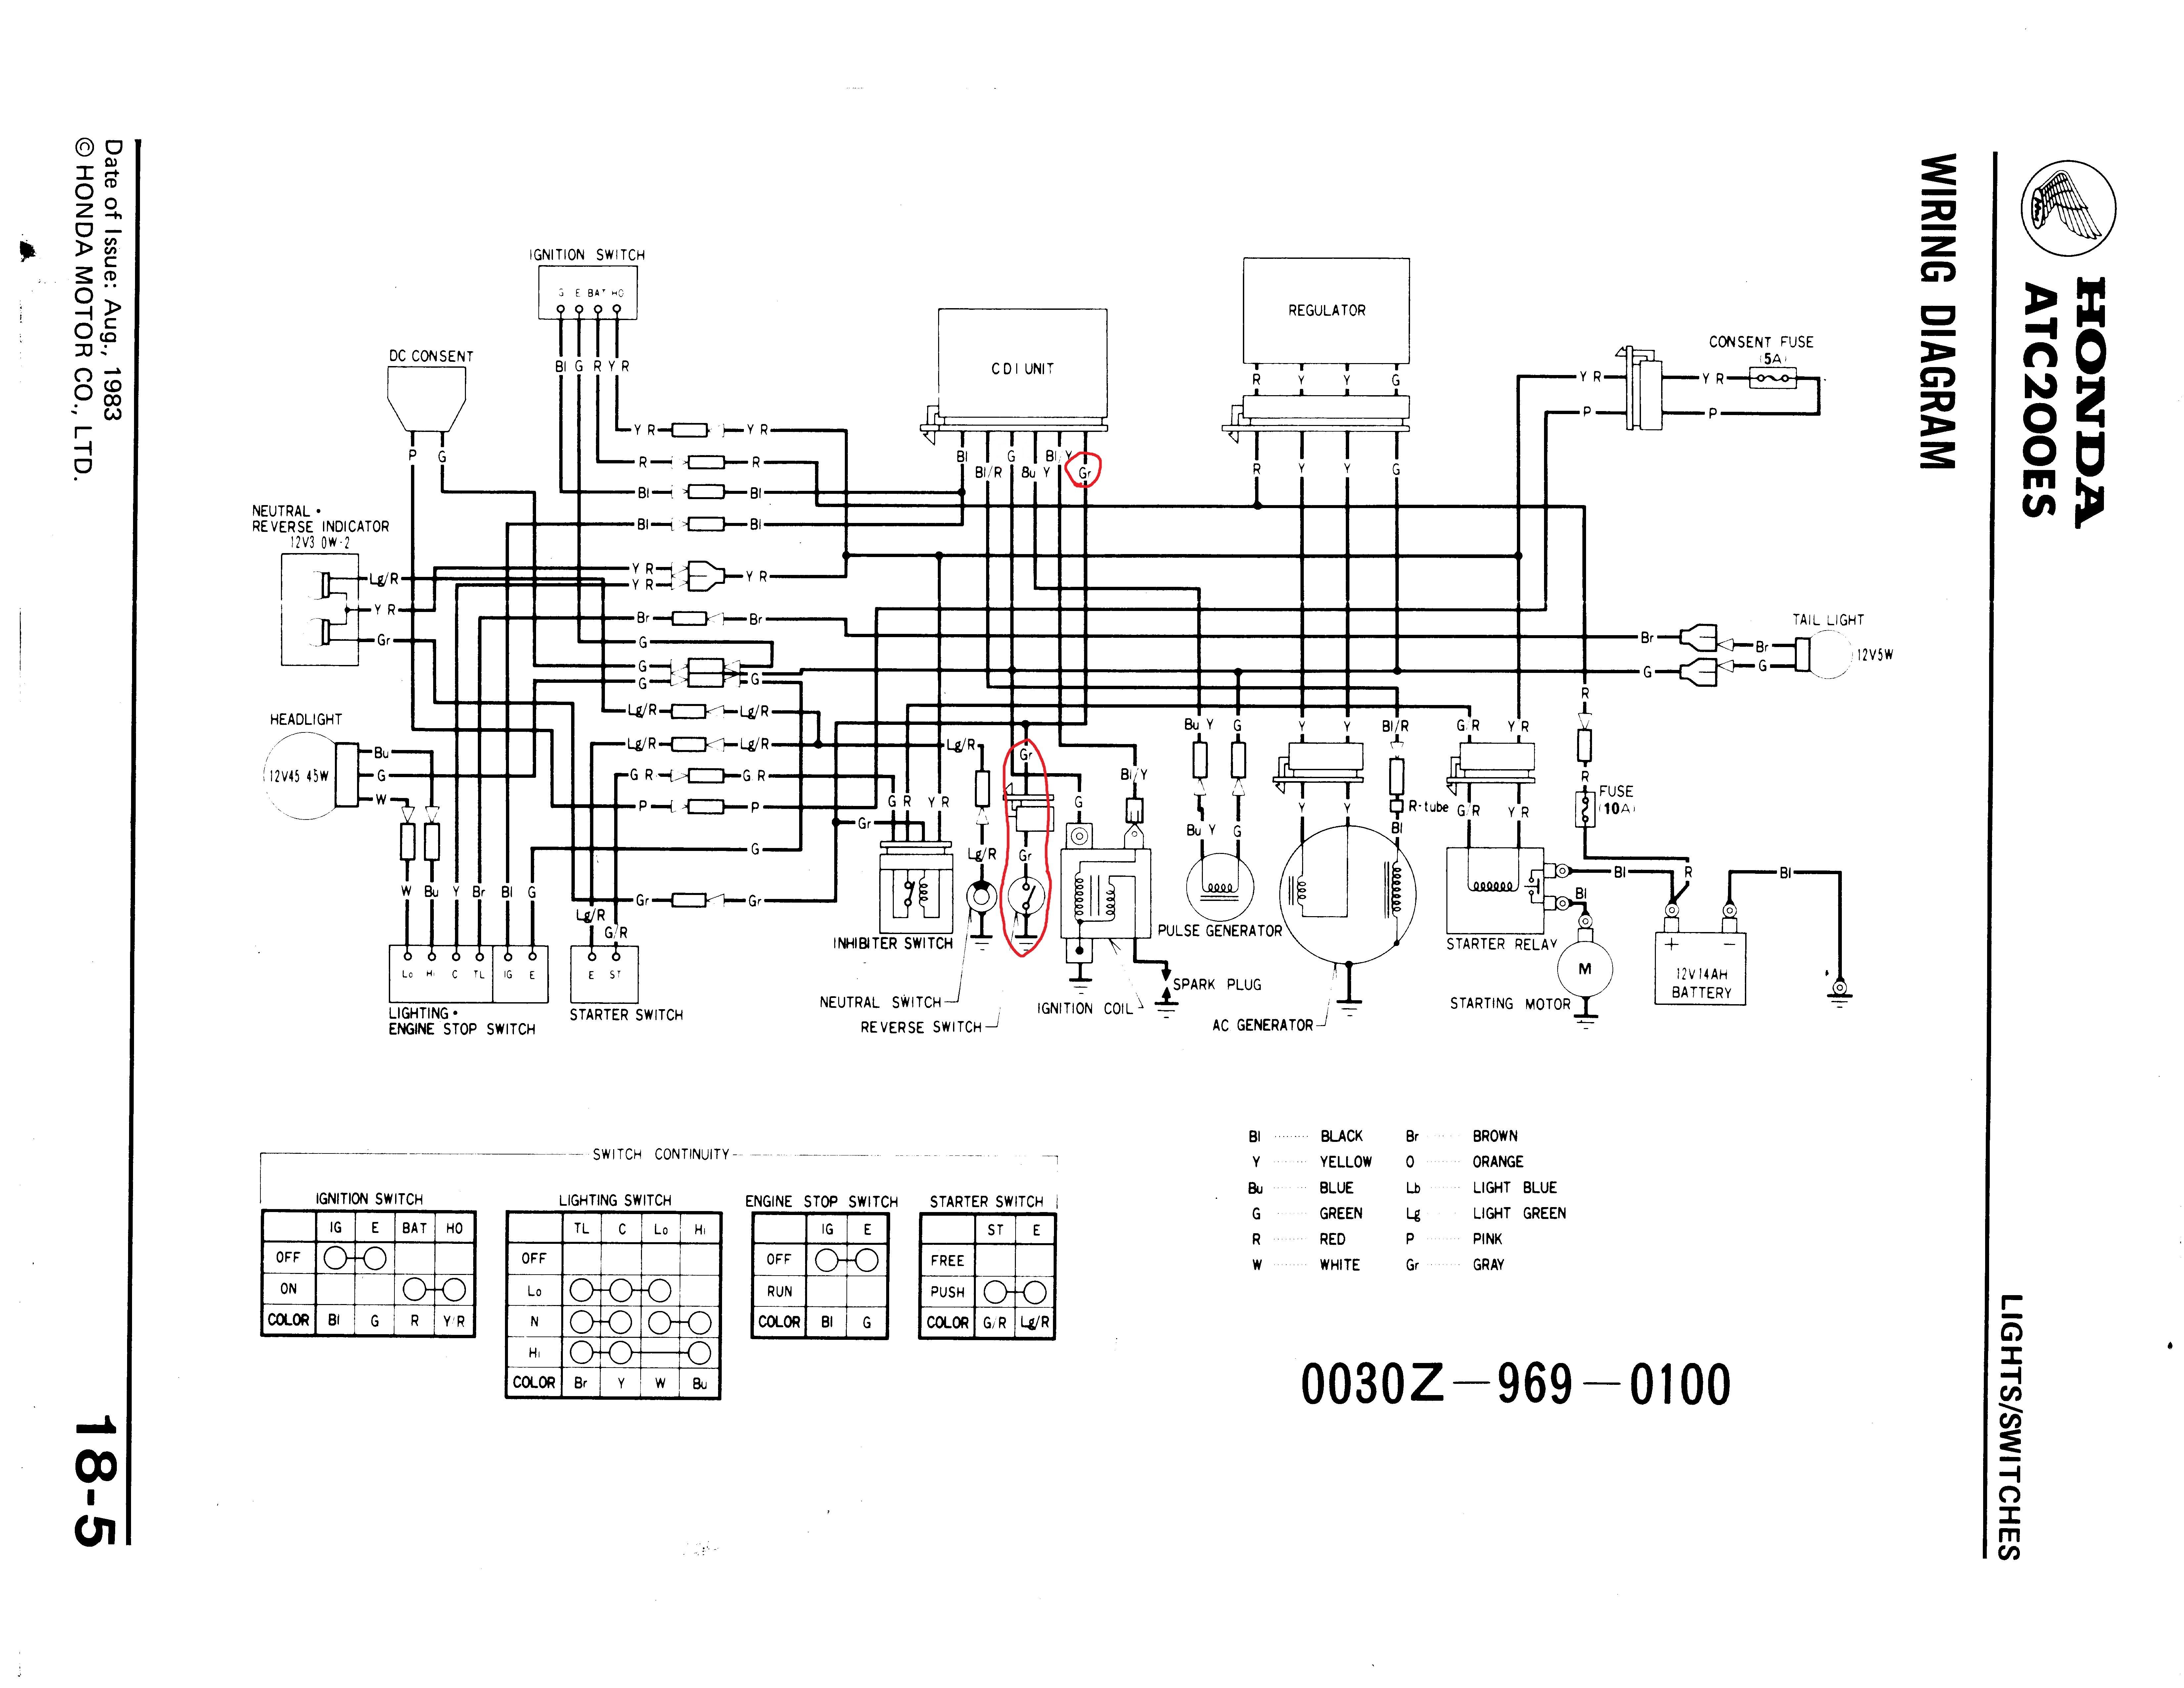 [DIAGRAM_3ER]  SG_8579] Honda Fourtrax Wiring Diagram Electrical Schematic Wiring | Honda 300 Wiring Diagram |  | Bdel Hete Ical Gram Botse Itis Viewor Mohammedshrine Librar Wiring 101